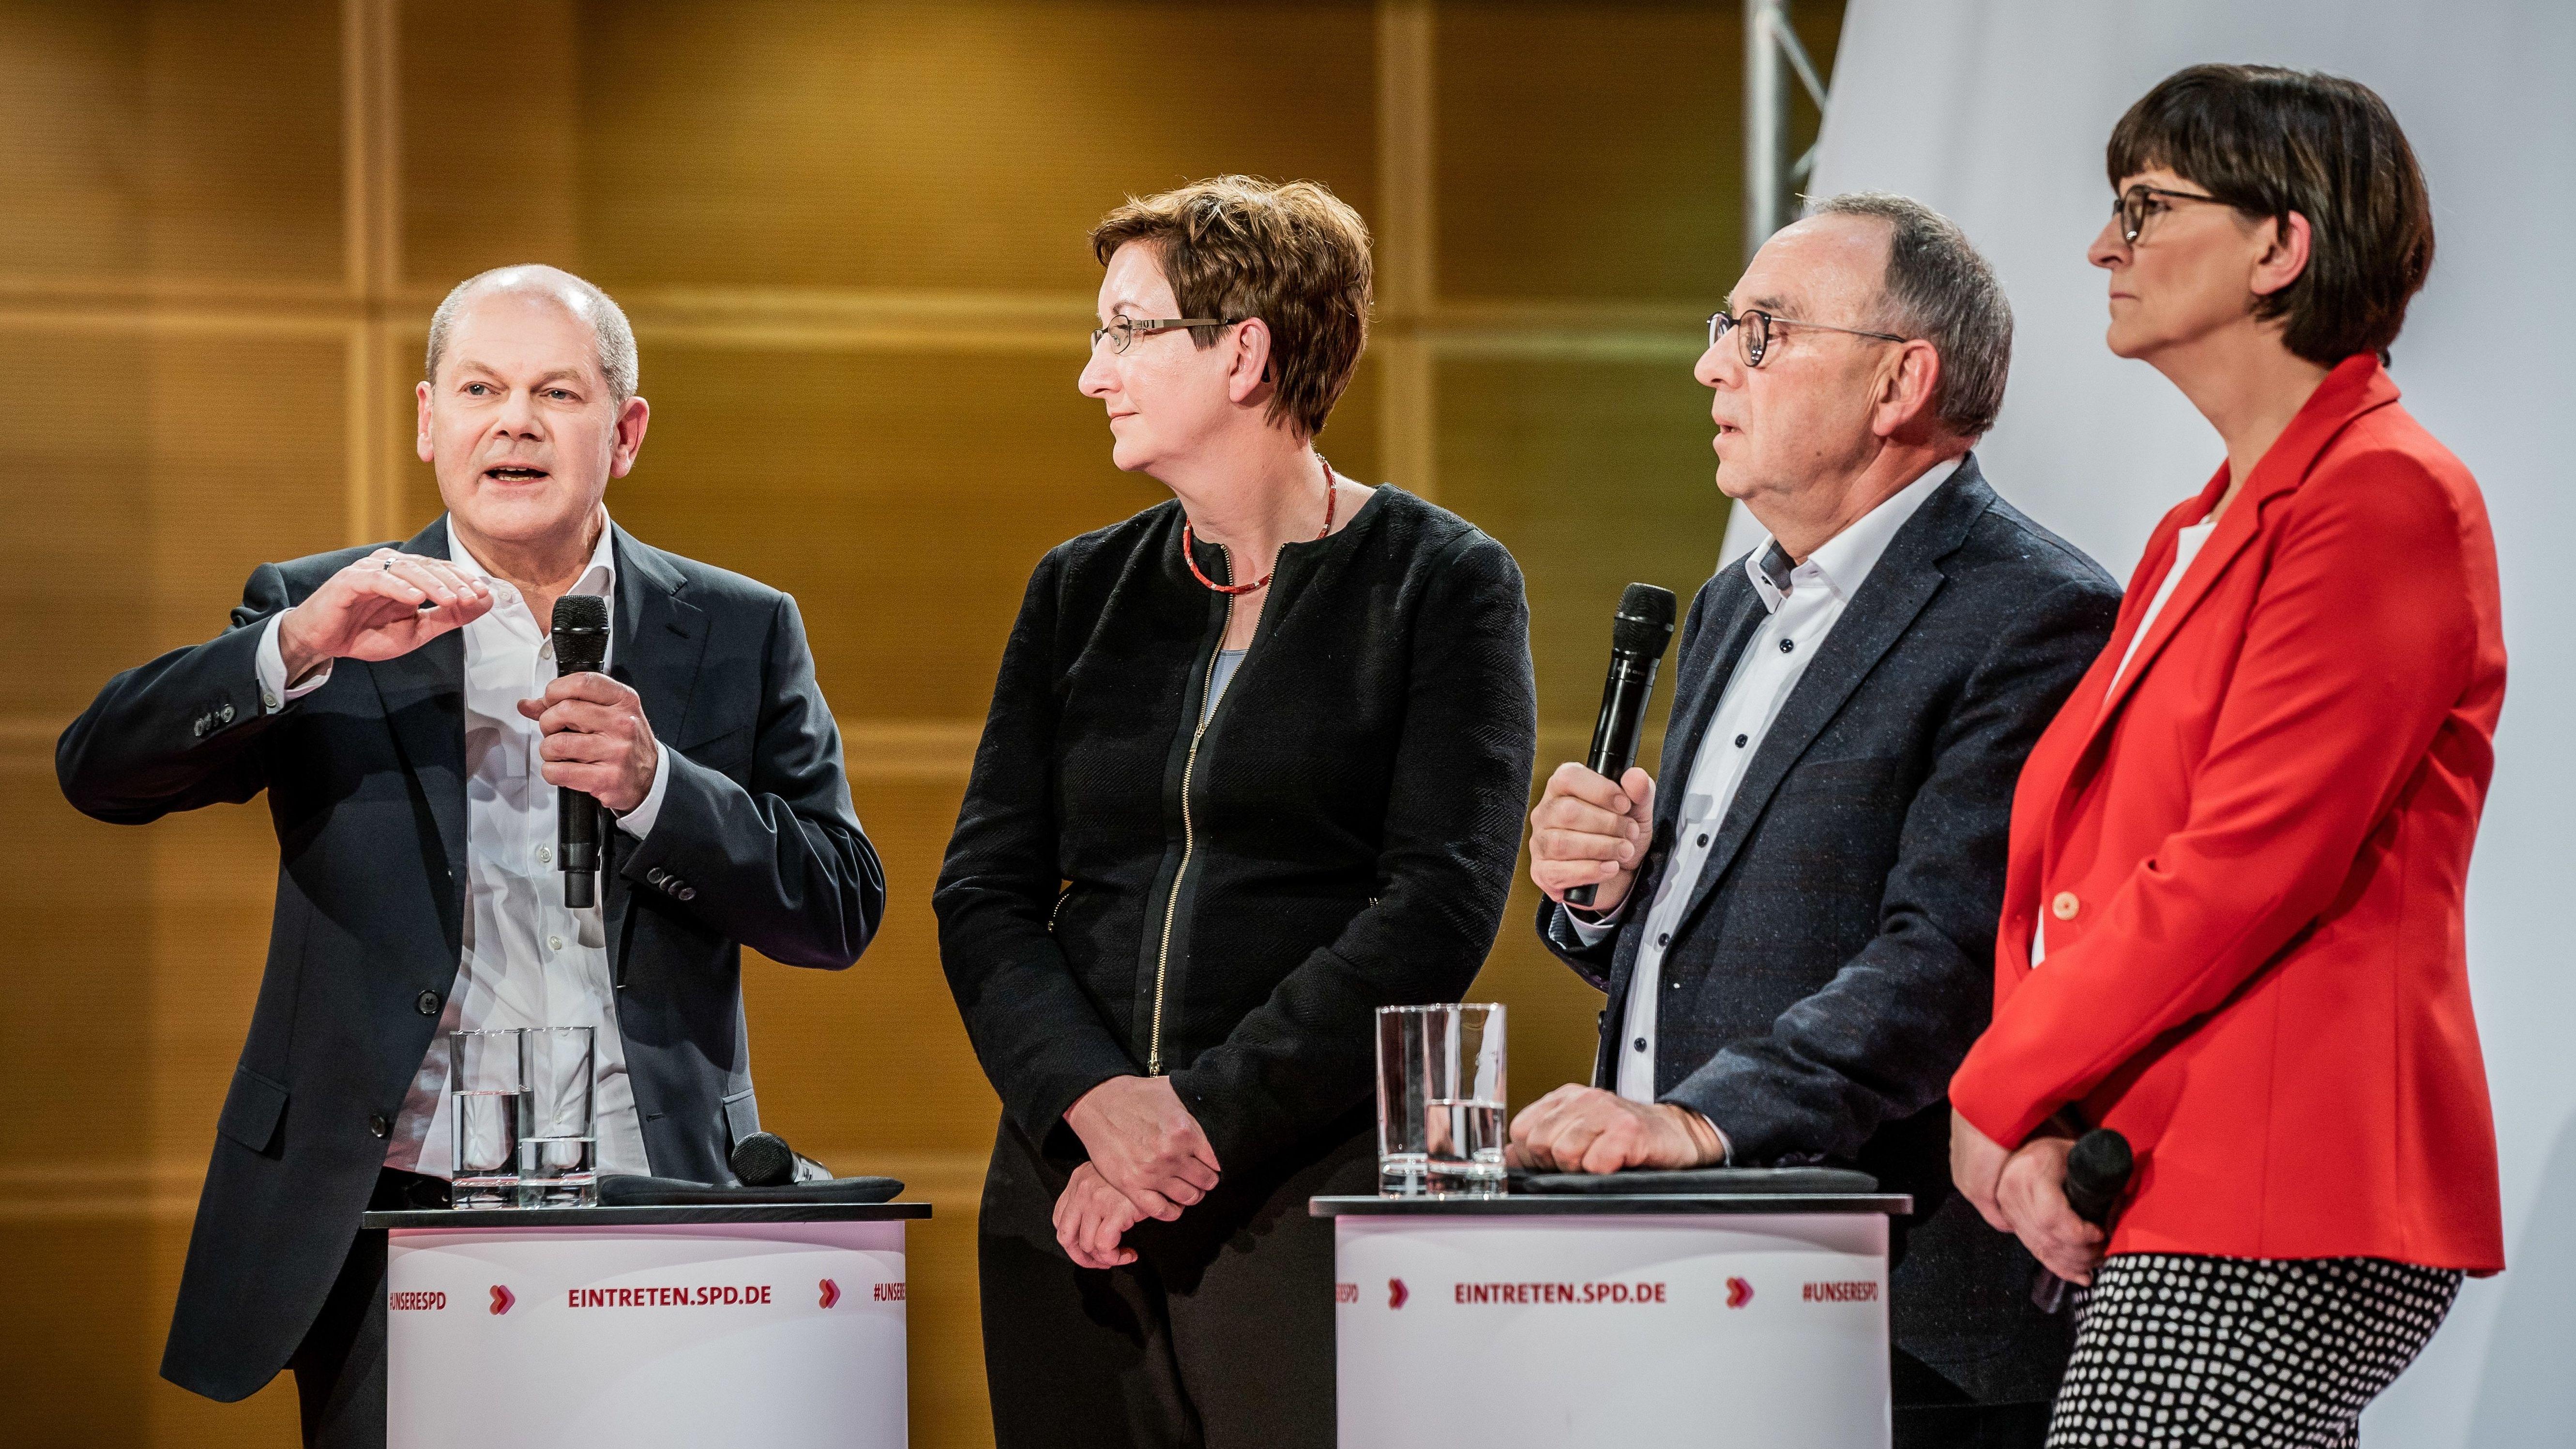 Olaf Scholz (l) spricht neben Klara Geywitz (2.v.l) und Saskia Esken (r) neben Norbert Walter-Borjans (2.v.r)